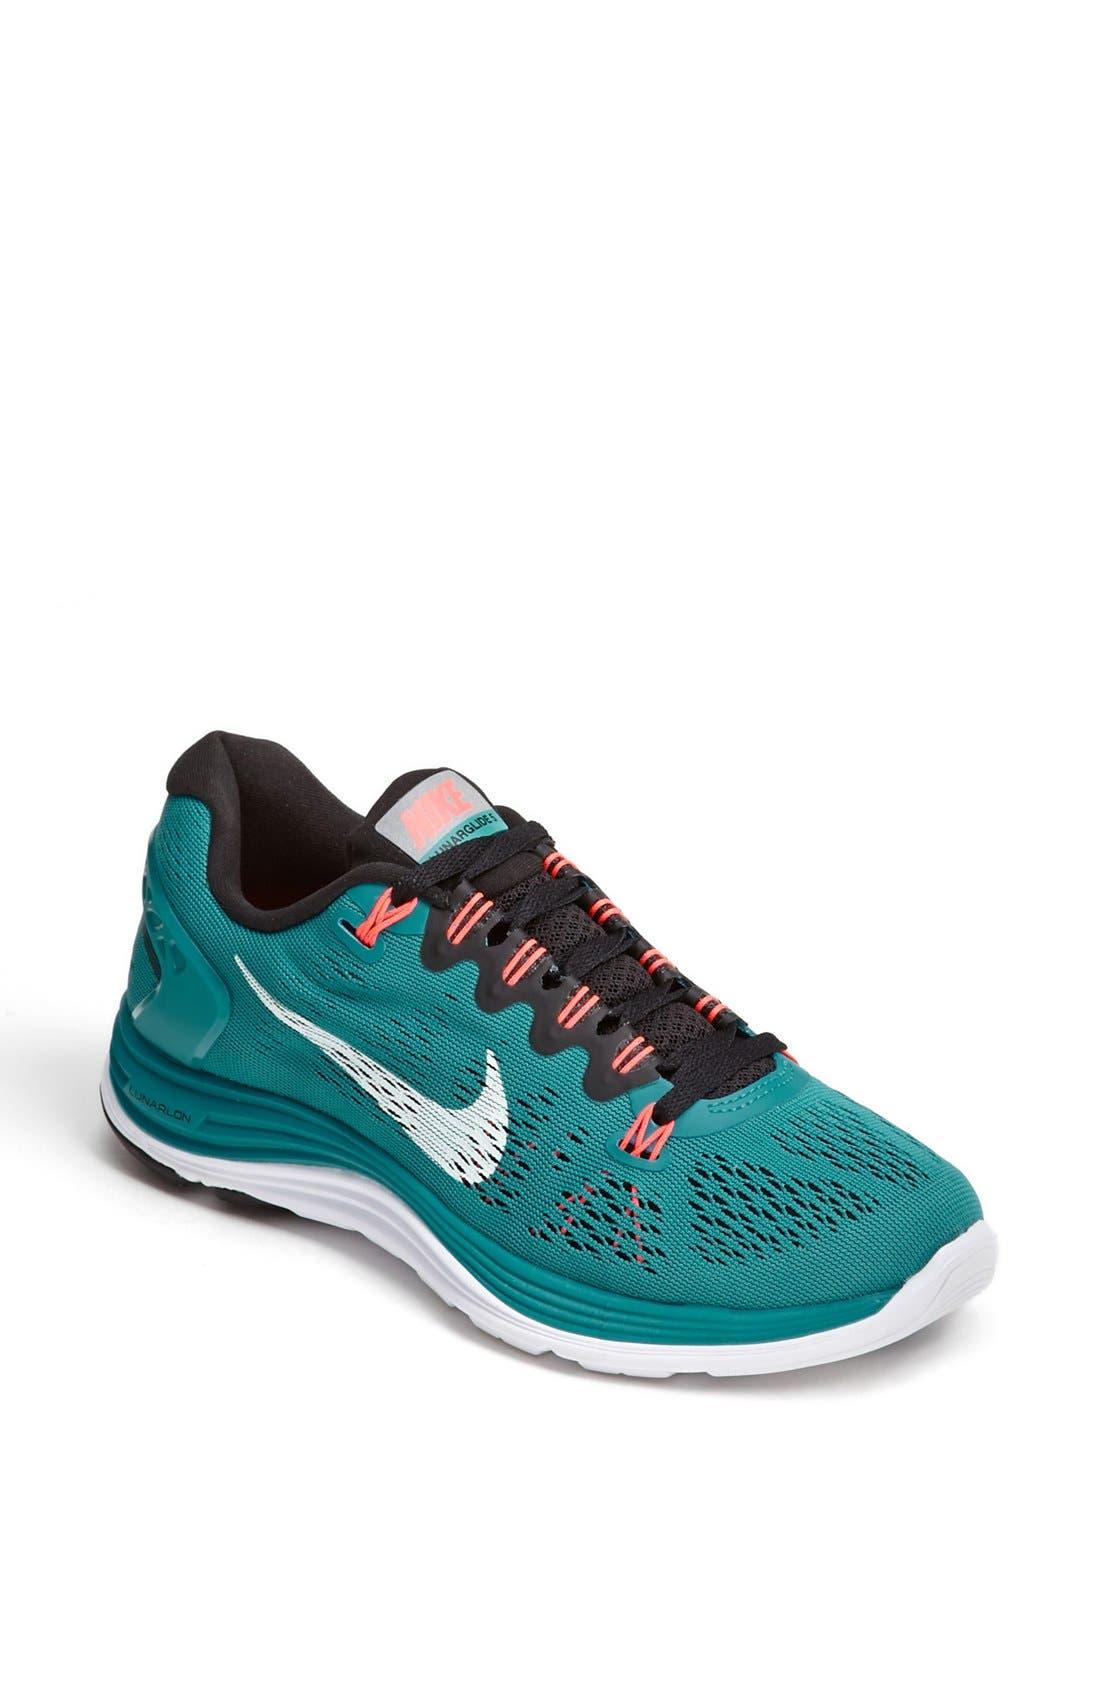 Alternate Image 1 Selected - Nike 'LunarGlide 5' Running Shoe (Women)